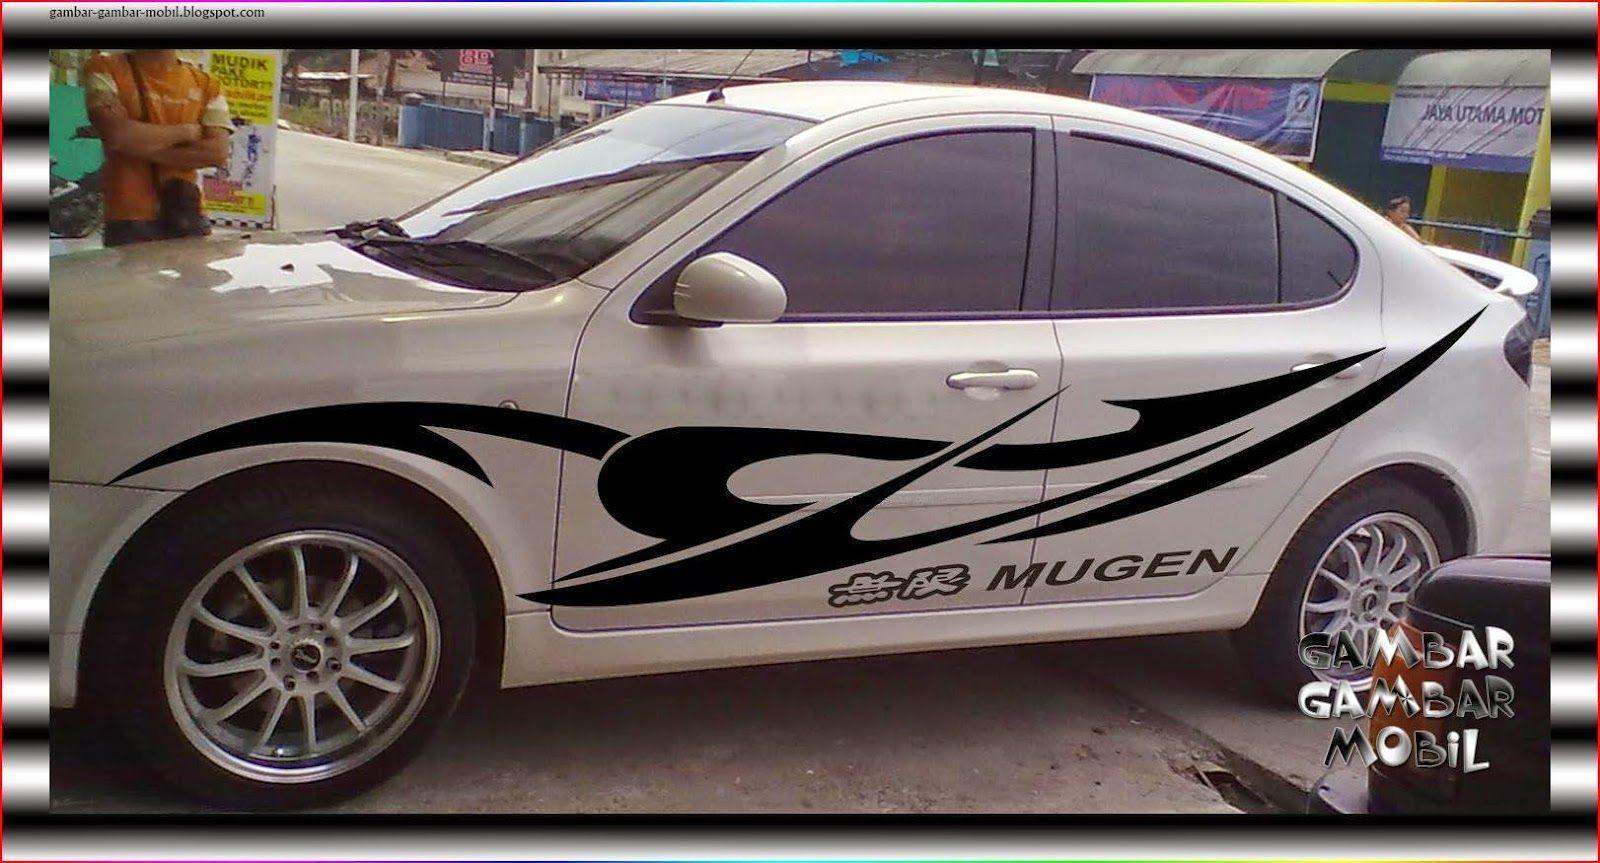 Gambar Mobil Sedan Gambar Gambar Mobil Modifikasi Mobil Sedan Mobil